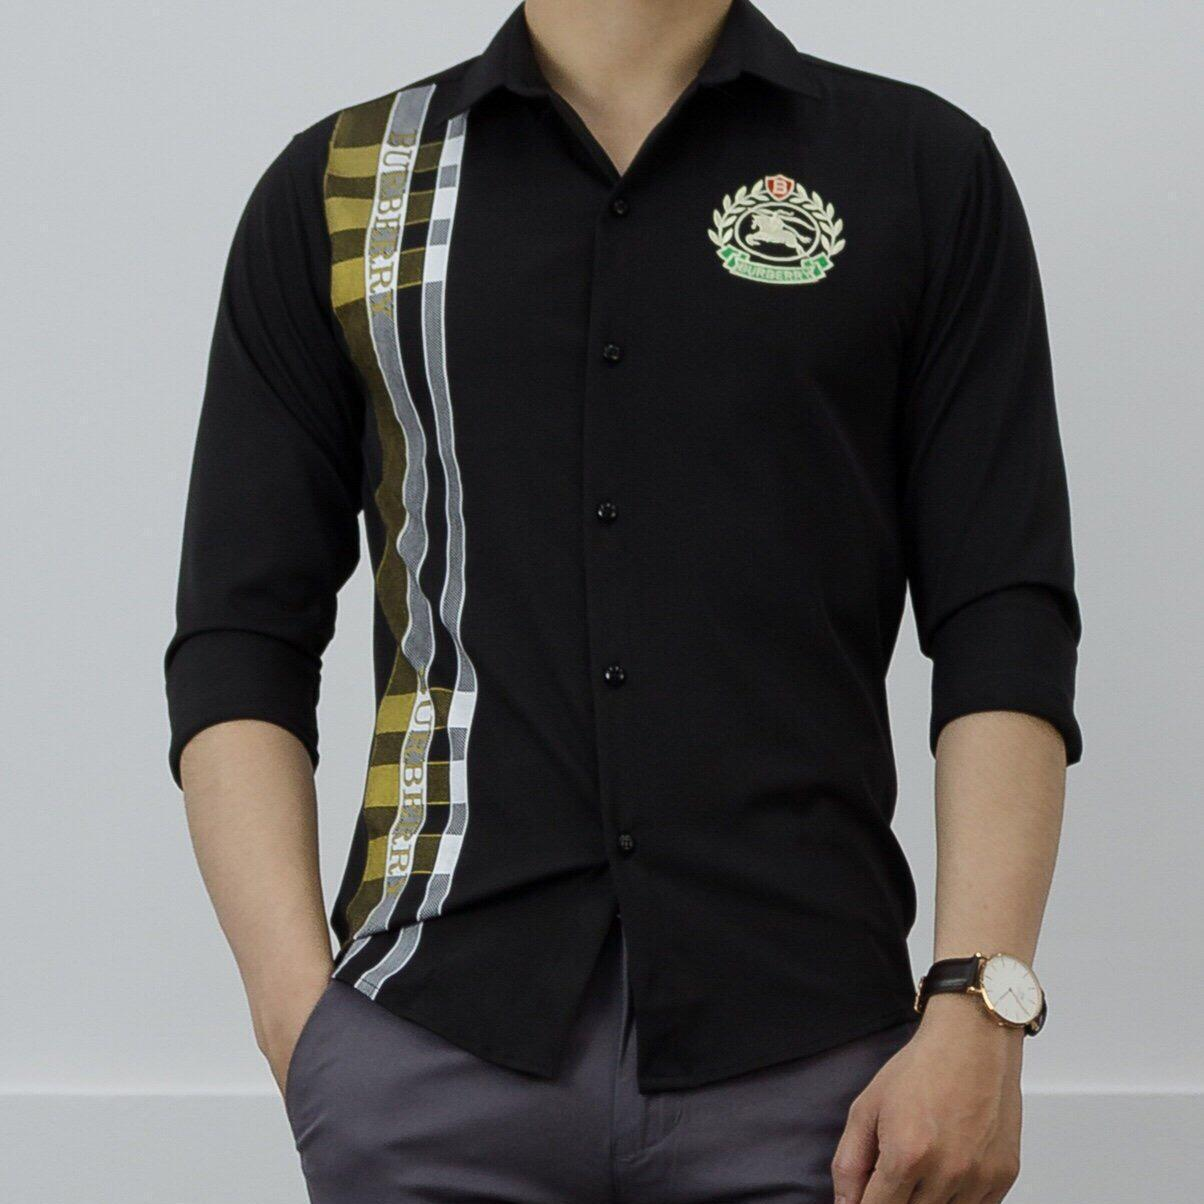 áo sơ mi nam burberry phong cách trẻ trung mới nhất năm